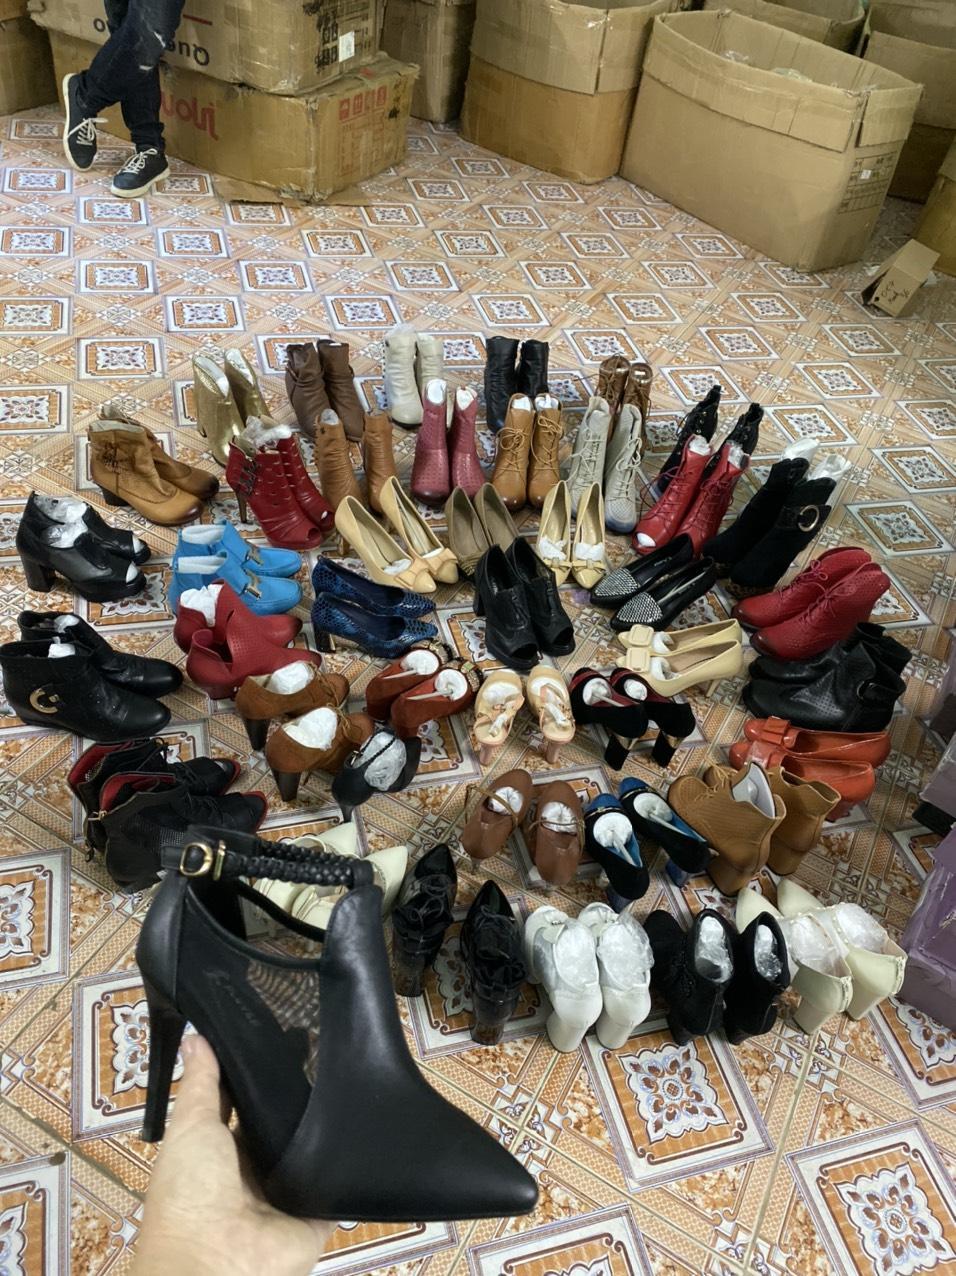 ⚡️THANH LÝ⚡️ Giày Dép Lẻ Size, Giày Lỗi ít Nam Nữ (shop Gửi Ngẫu Nhiên,không Chọn Mẫu) Đang Ưu Đãi Cực Đã